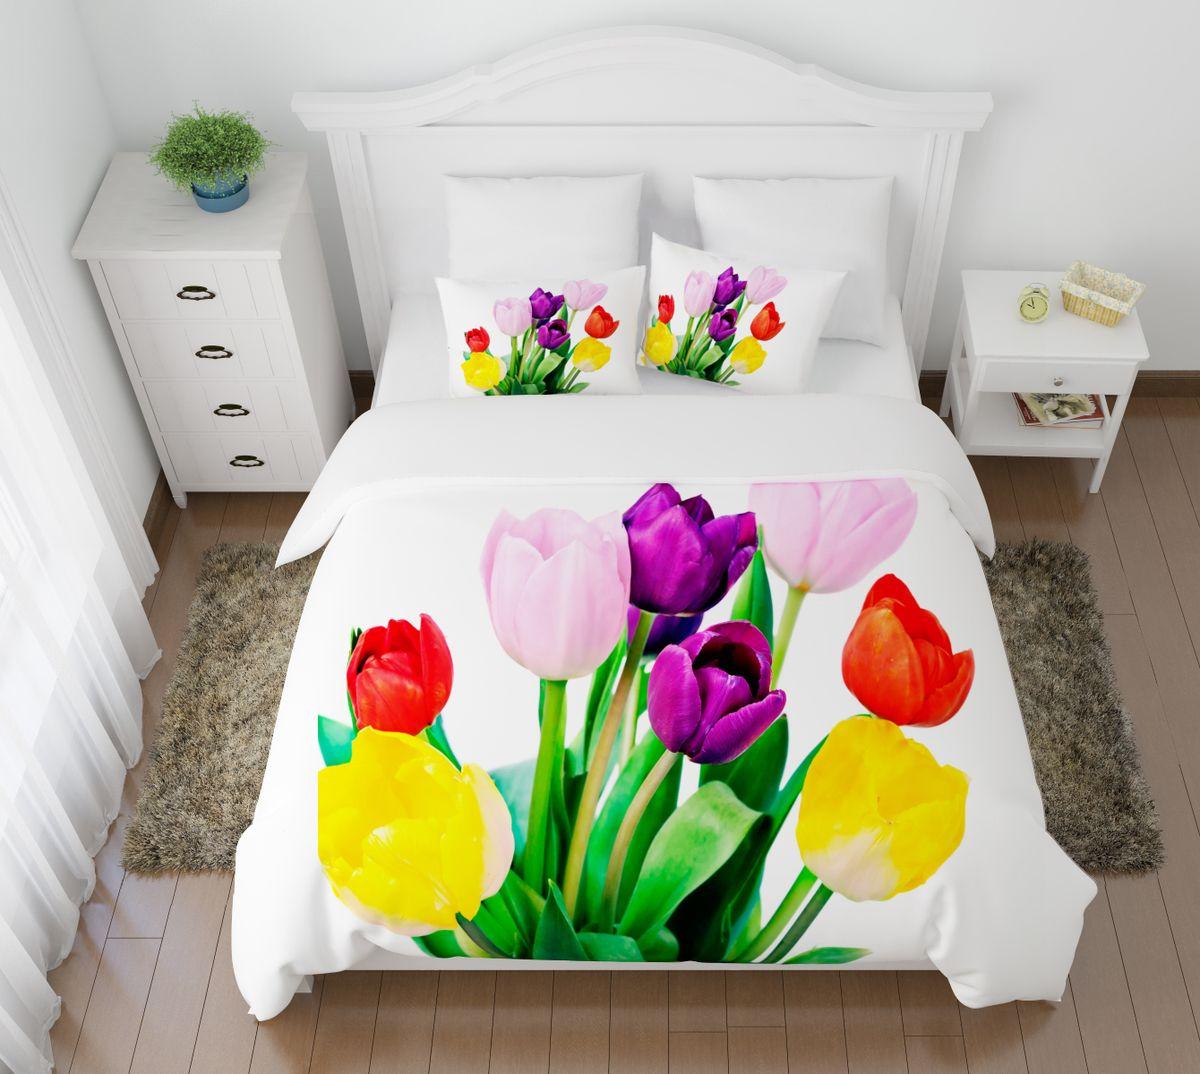 Комплект белья Сирень Весенние цветы, семейный, наволочки 50х70, 70х704081Комплект постельного белья Сирень выполнен из прочной и мягкой ткани. Четкий и стильный рисунок в сочетании с насыщенными красками делают комплект постельного белья неповторимой изюминкой любого интерьера.Постельное белье идеально подойдет для подарка. Идеальное соотношение смешенной ткани и гипоаллергенных красок - это гарантия здорового, спокойного сна. Ткань хорошо впитывает влагу, надолго сохраняет яркость красок.В комплект входят: простынь, 2 пододеяльника, четыре наволочки. Постельное белье легко стирать при 30-40°С, гладить при 150°С, не отбеливать. Рекомендуется перед первым использованием постирать.УВАЖАЕМЫЕ КЛИЕНТЫ! Обращаем ваше внимание, что цвет простыни, пододеяльника, наволочки в комплектации может немного отличаться от представленного на фото.